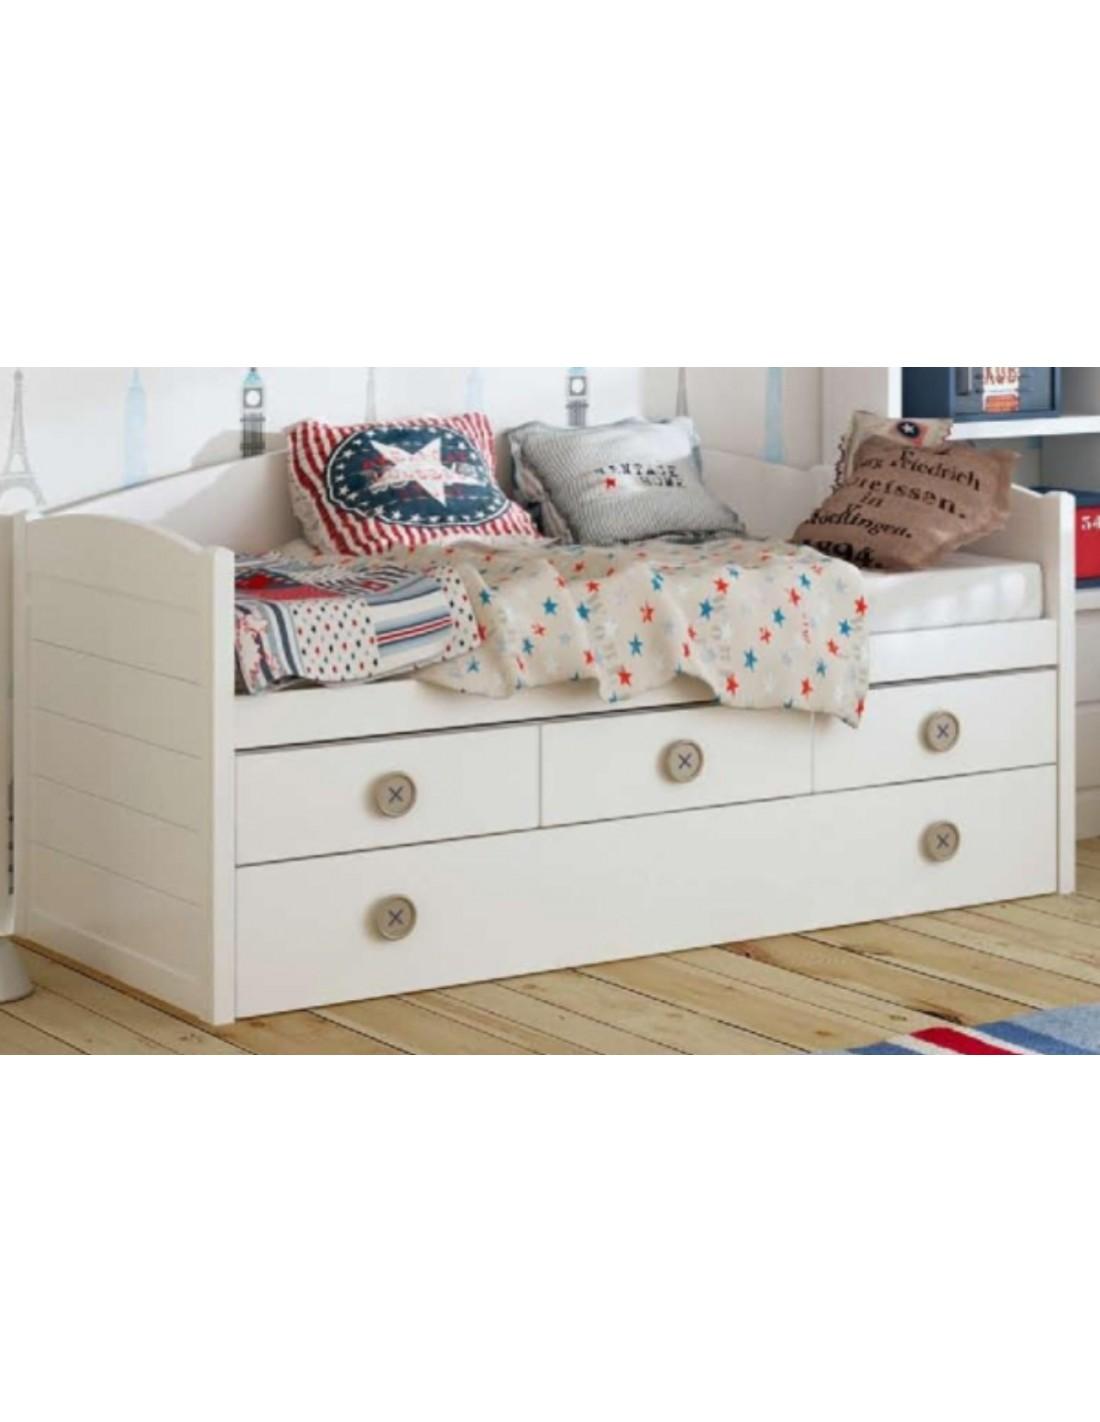 Cama nido bot n dormitorios infantiles blancos muebles - Dormitorios infantiles blancos ...